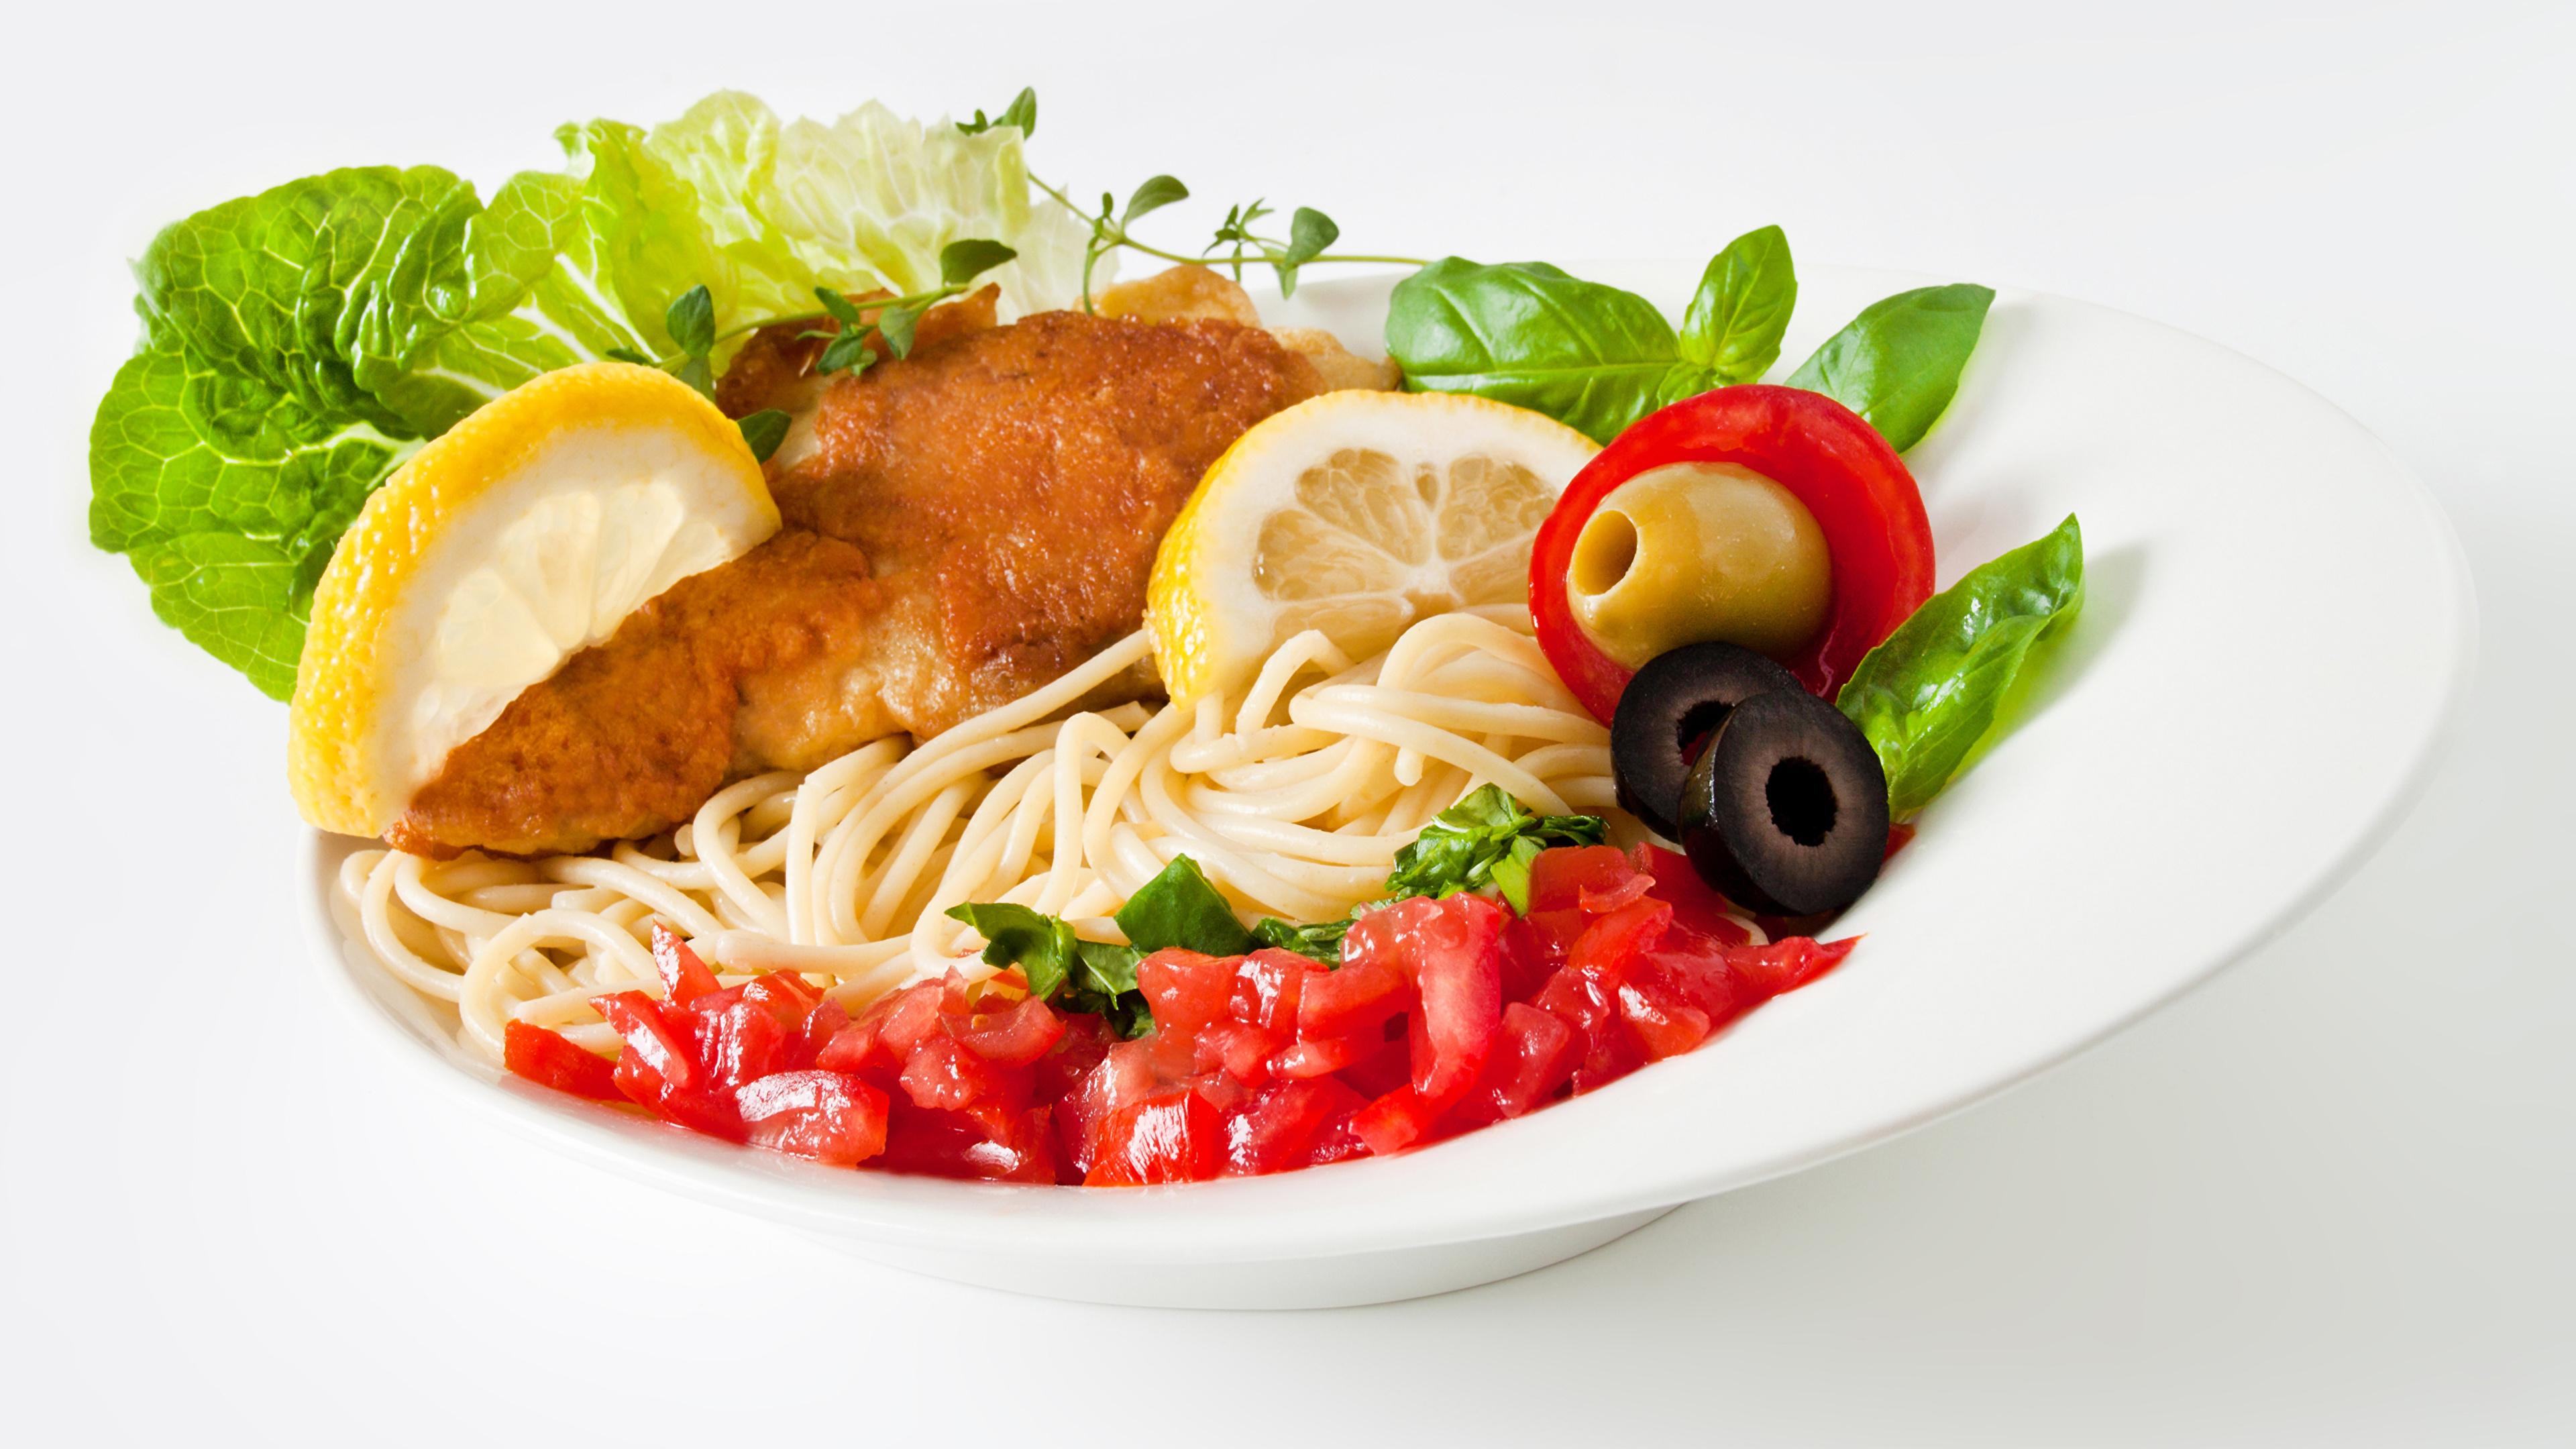 Картинка Макароны Еда Овощи тарелке белым фоном Мясные продукты Вторые блюда 3840x2160 Пища Тарелка Продукты питания Белый фон белом фоне